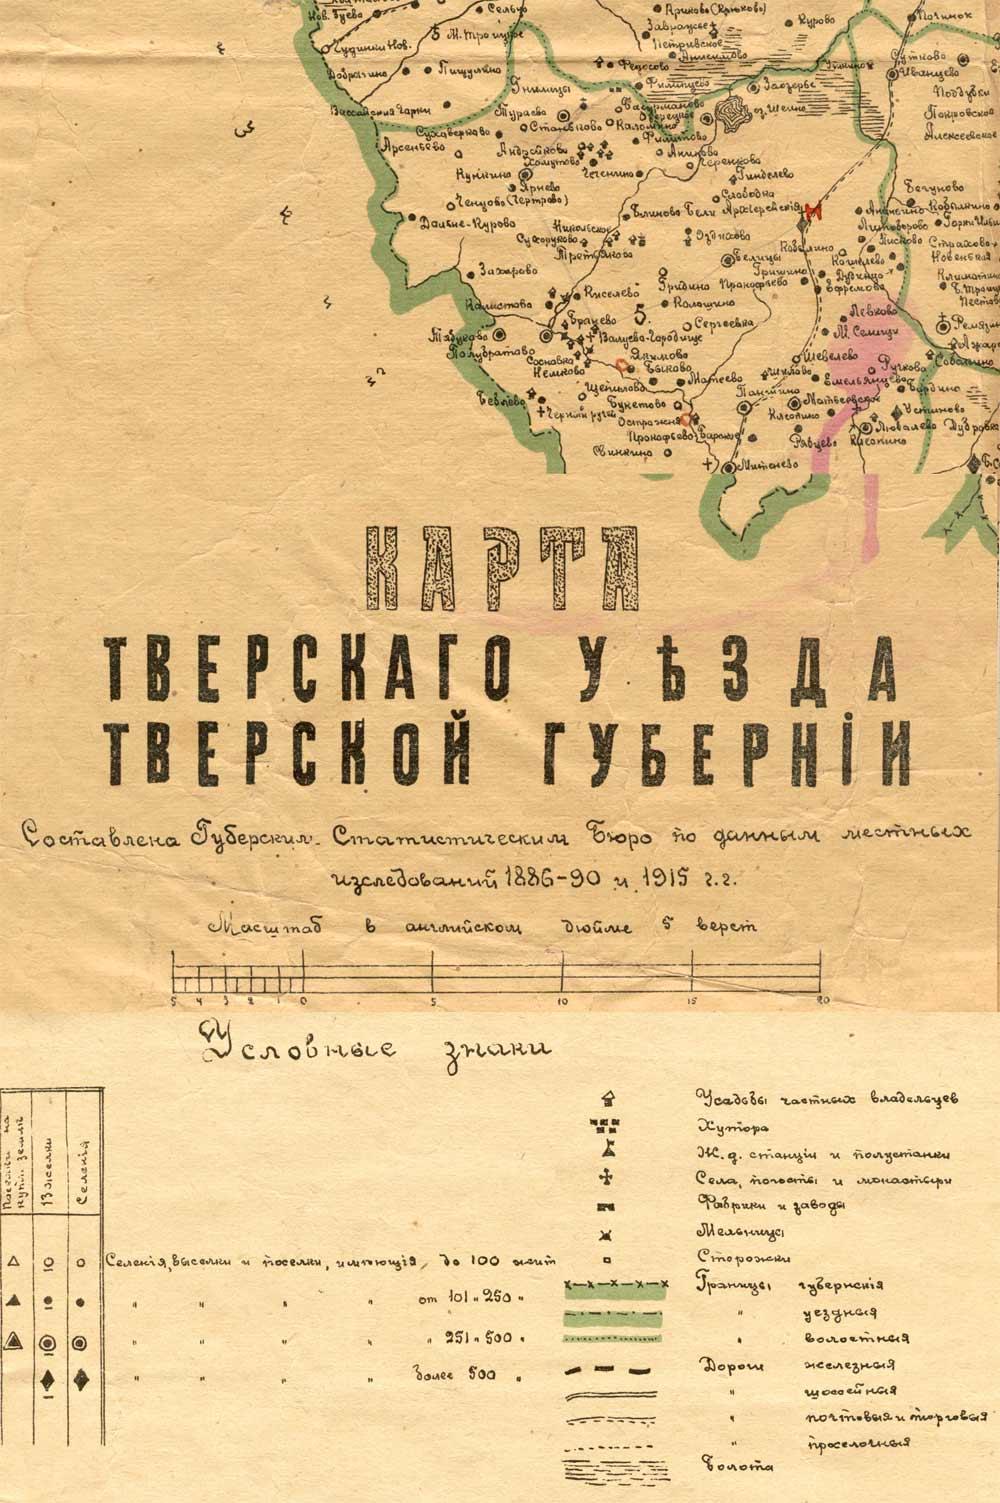 КАРТЫ ТВЕРСКОЙ ГУБЕРНИИ ДО 1915 ГОДА С ПРИВЯЗКОЙ СКАЧАТЬ БЕСПЛАТНО